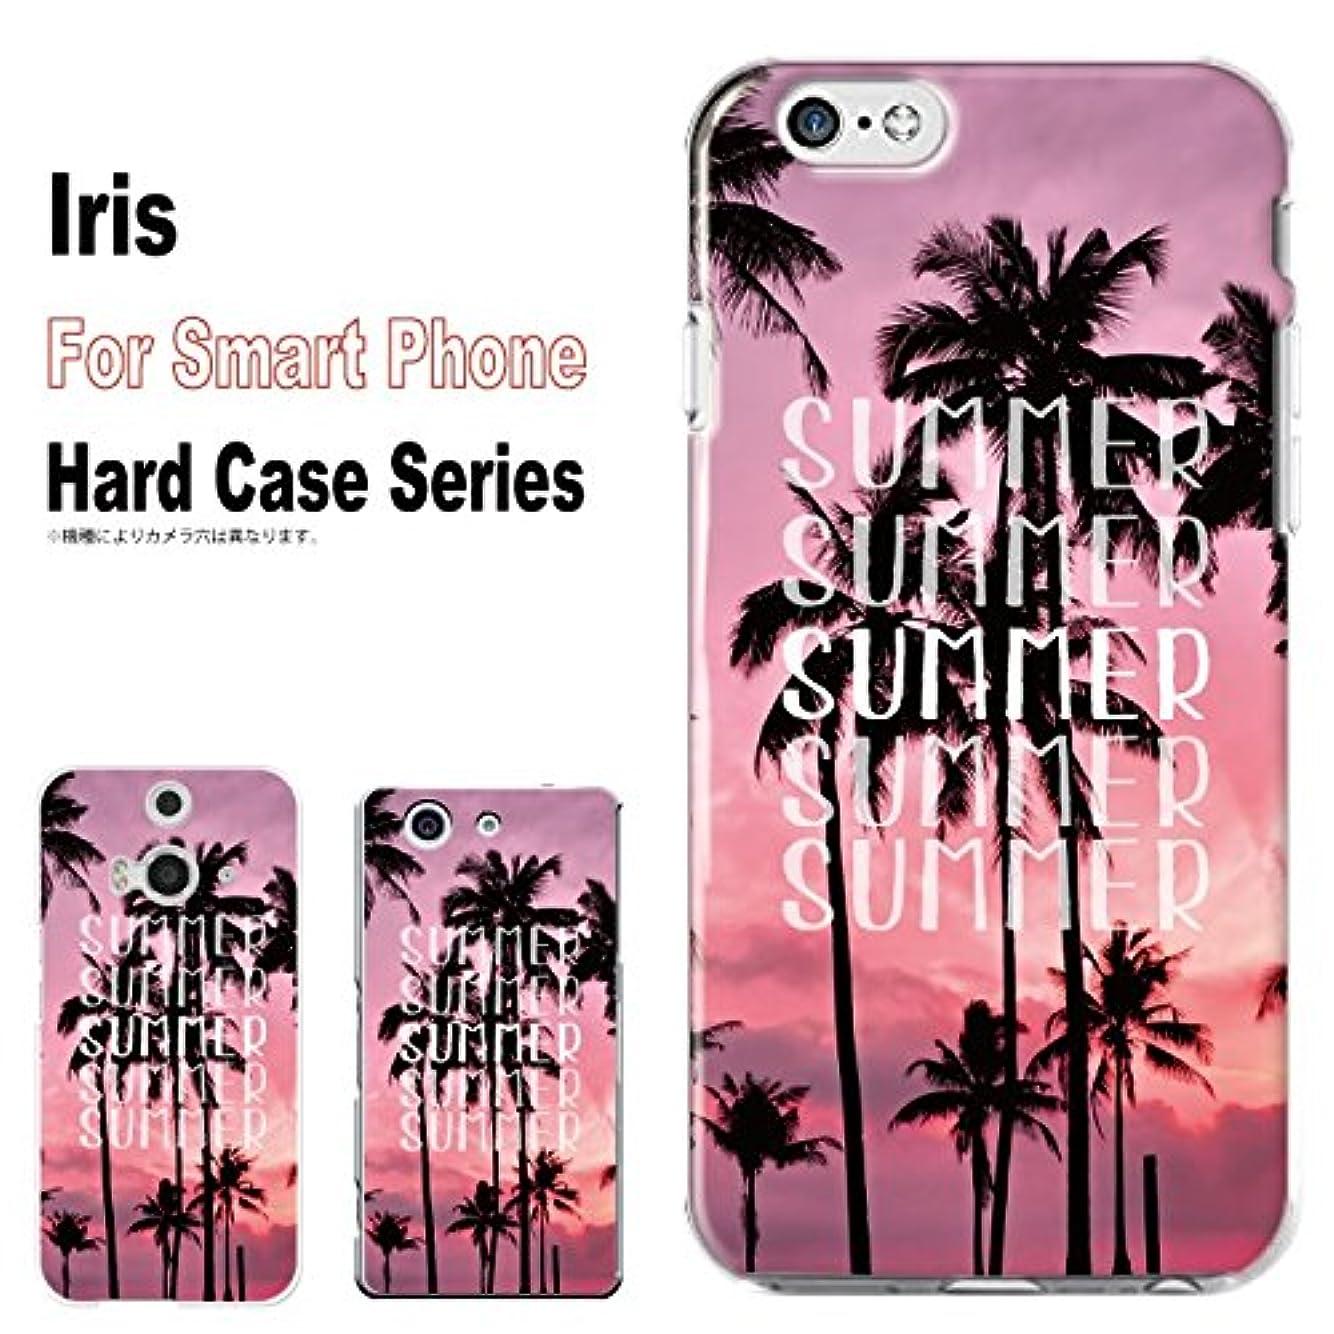 説得理解する決して【 iris 】 ハードケース 全機種対応 【 iPod touch5 アイポッドタッチ5専用 】 ハワイ ハワイアン 柄 ボタニカル 花柄 オシャレ かわいい 人気 海外 トレンド プラスチック ハードケース カバー スマホケース スマートフォン